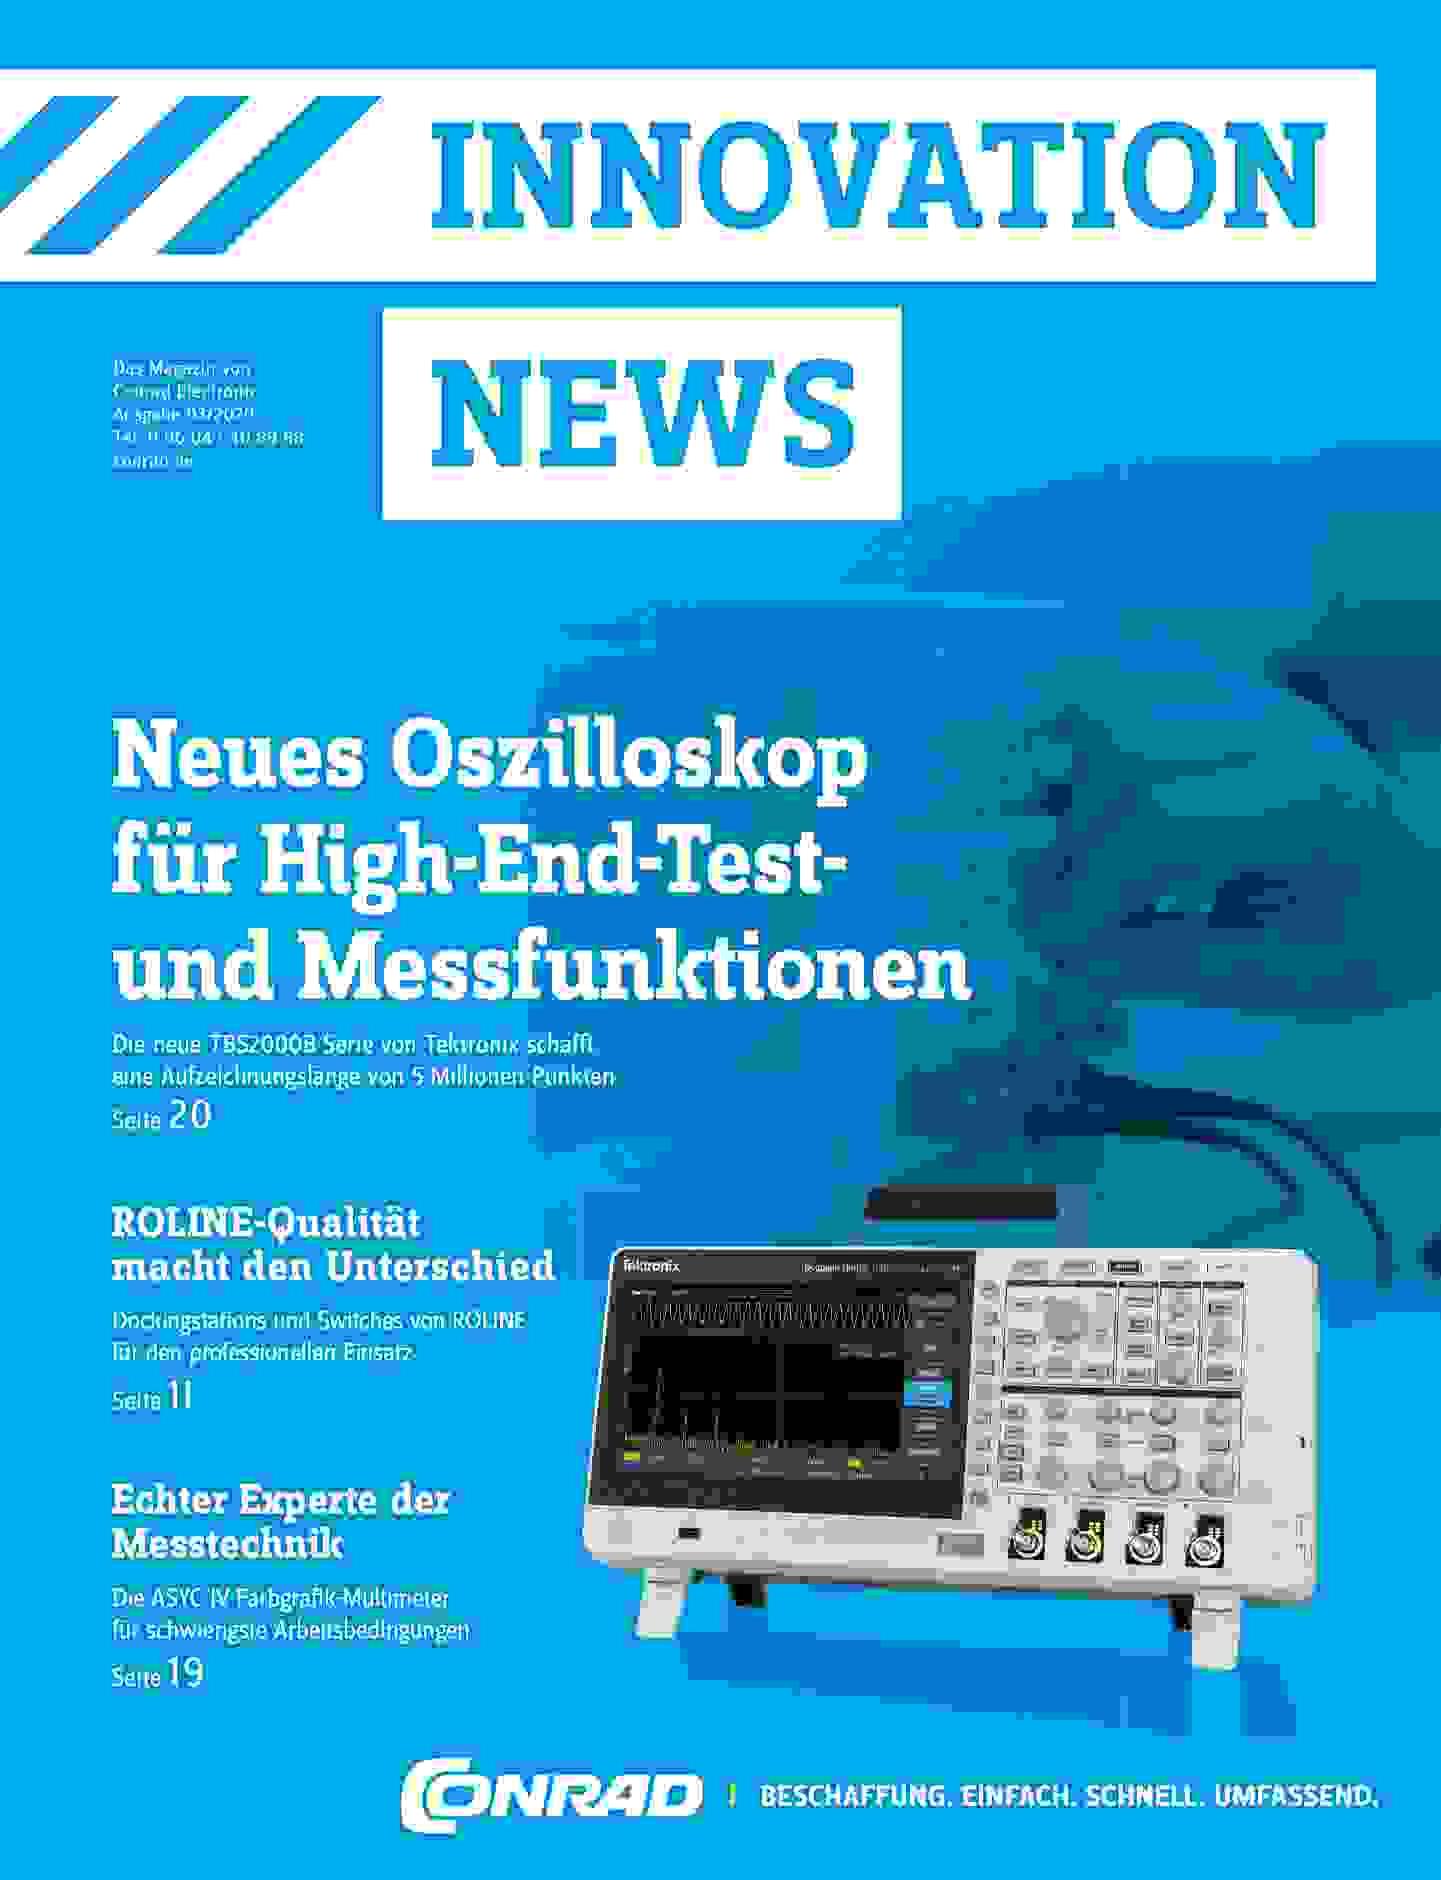 Innovation News Forschung & Entwicklung